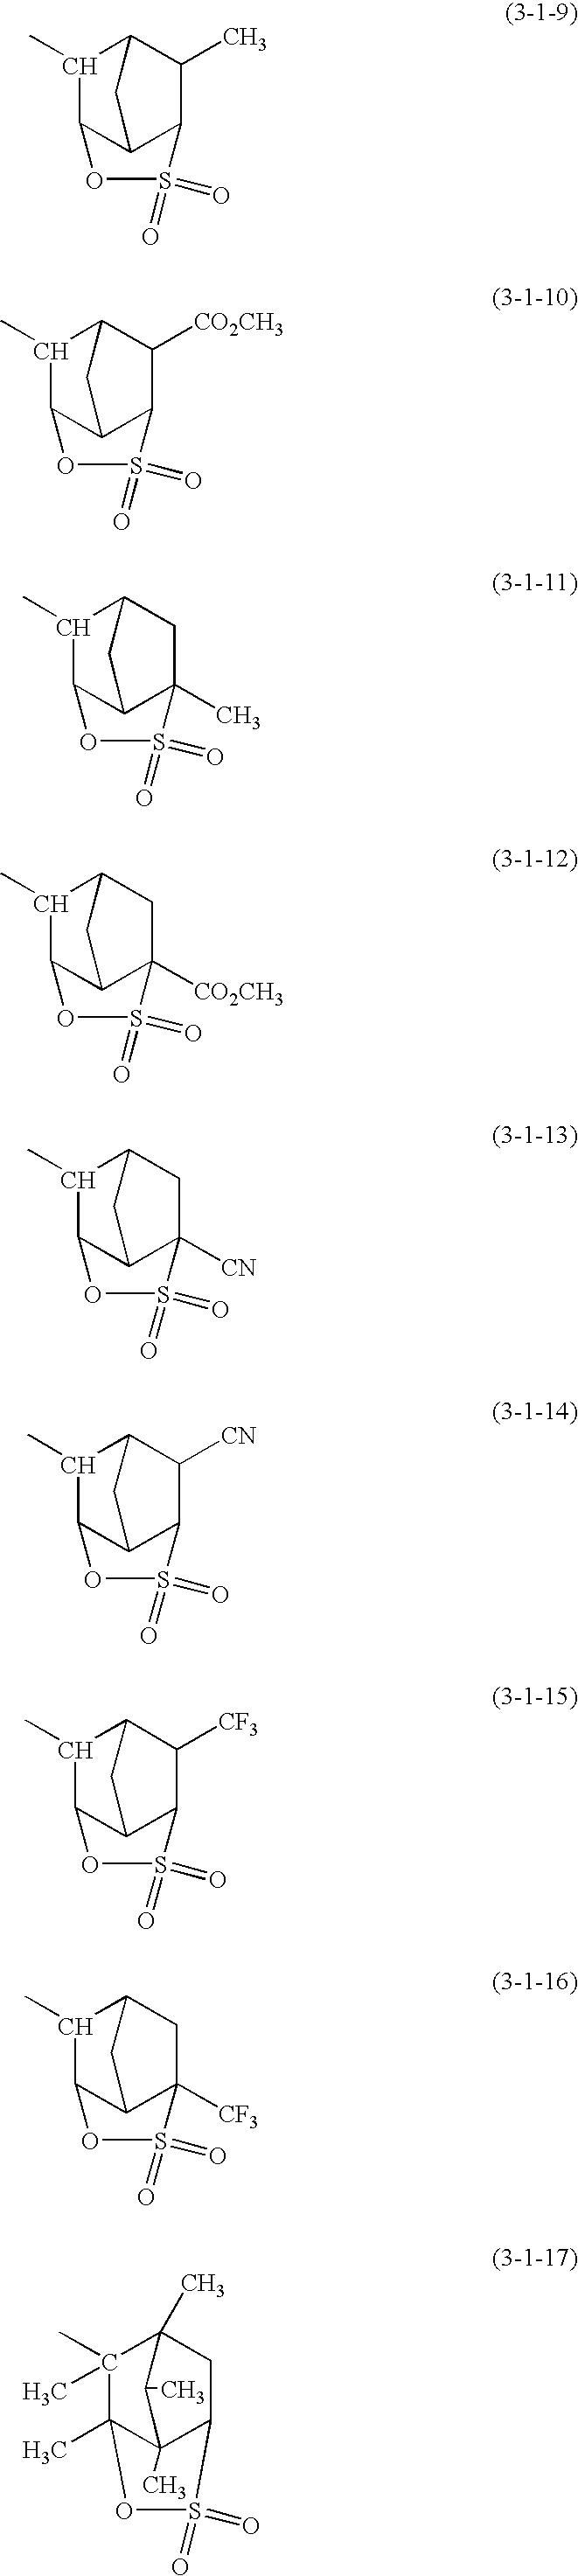 Figure US20100136480A1-20100603-C00007